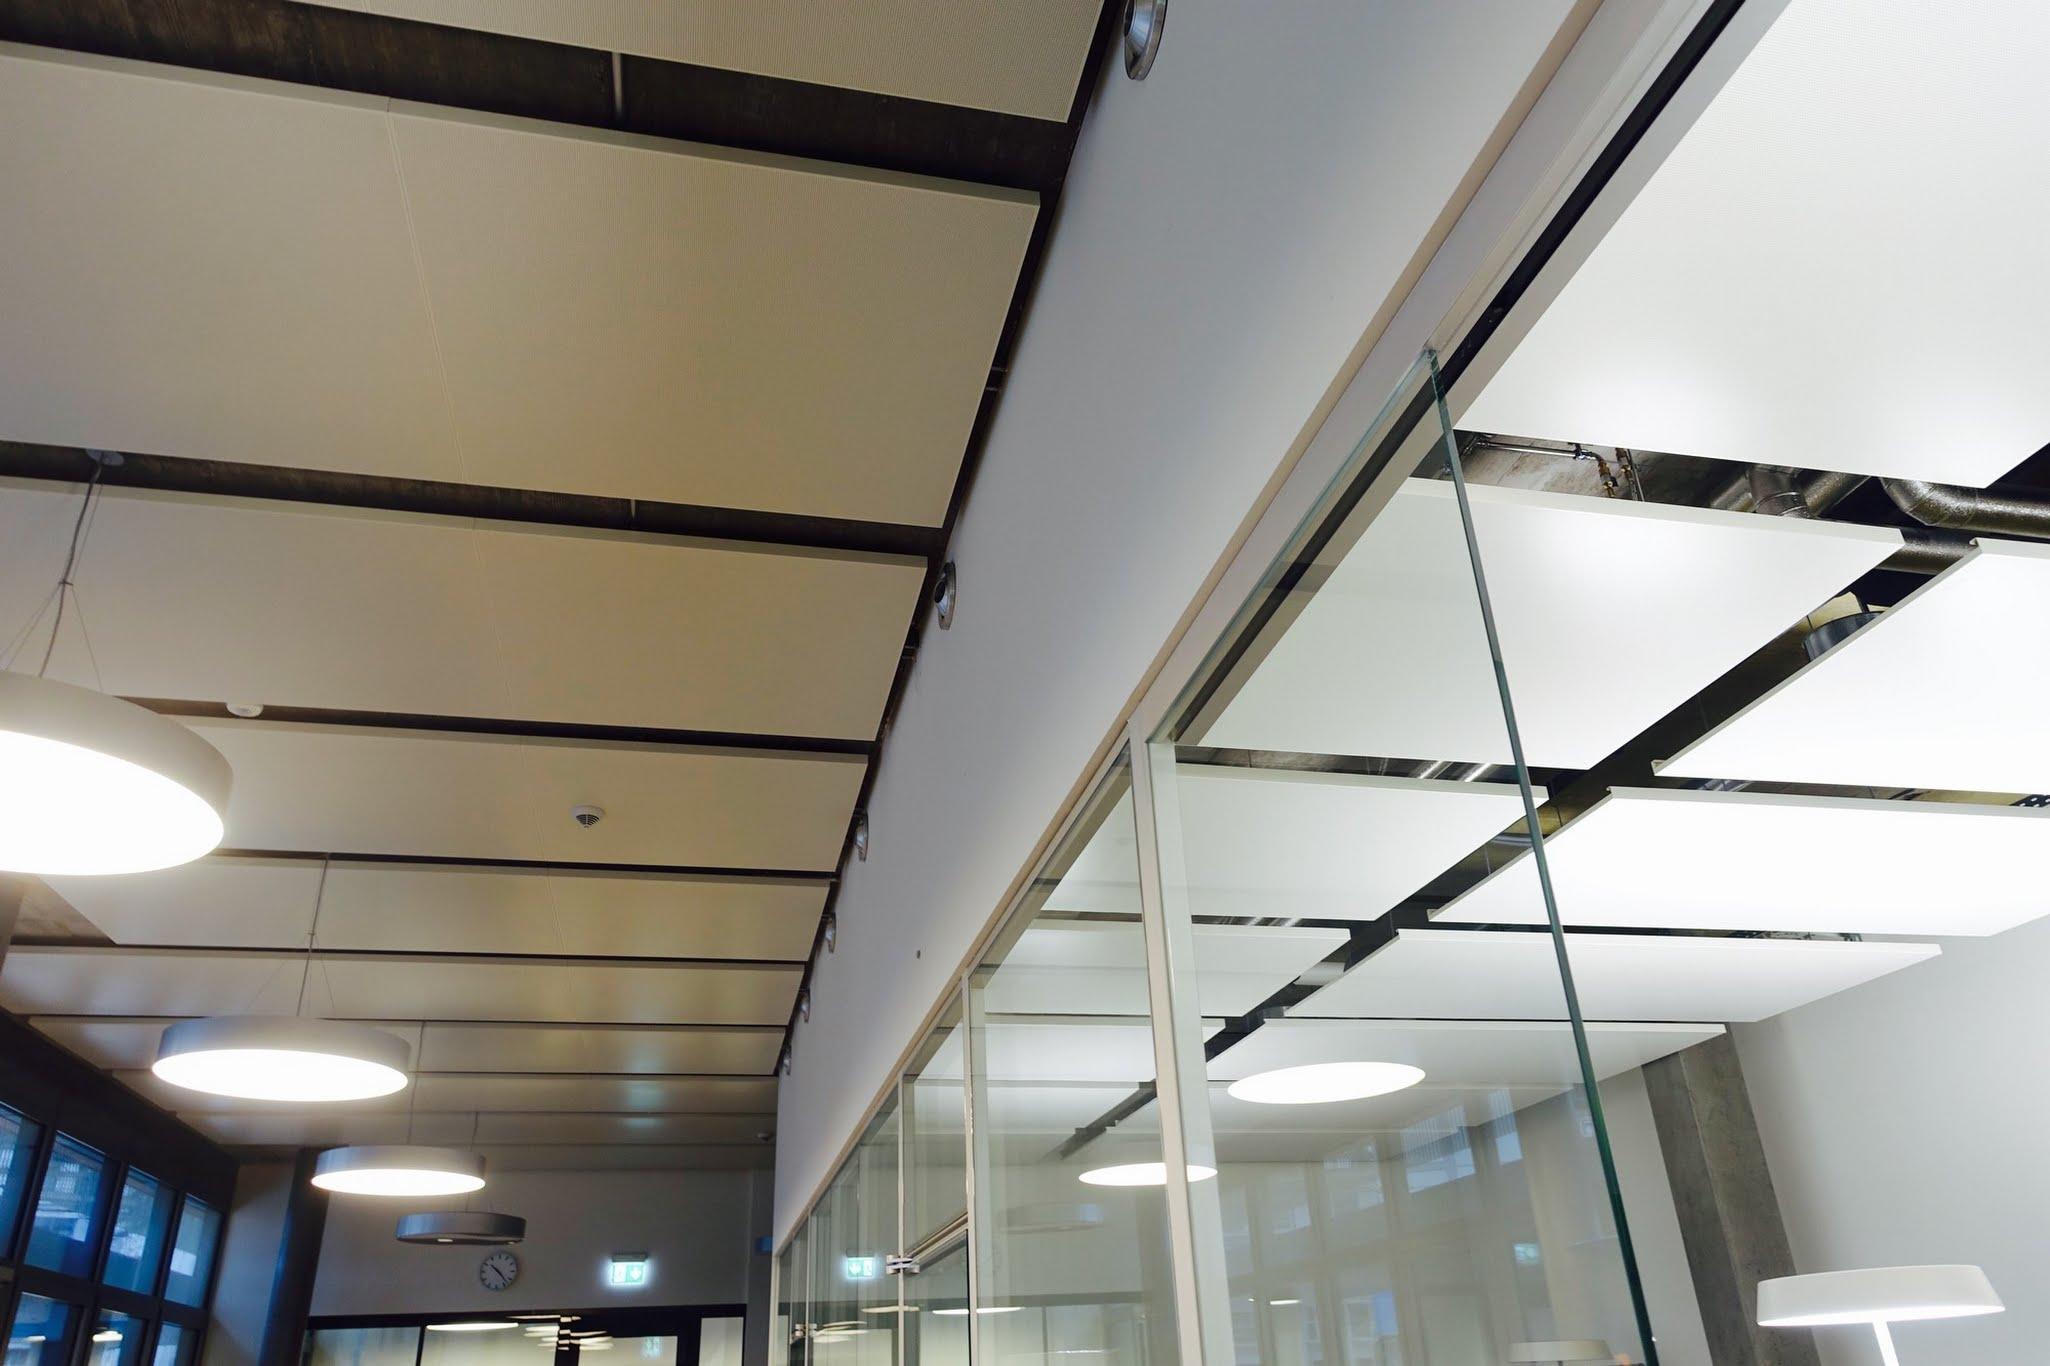 Kühl/-Heizdecken,Neubau Hochschule Luzern, Suurstoffi, ,Deckensystem-Wandsysteme,Trennwände Büro,Ganzglaswände,Bürotrennwand,Akustikdecken,Schallschutzdecken,Trennwände,Glaswände,Faltwände,Raumgestaltung,Trennwand Systeme